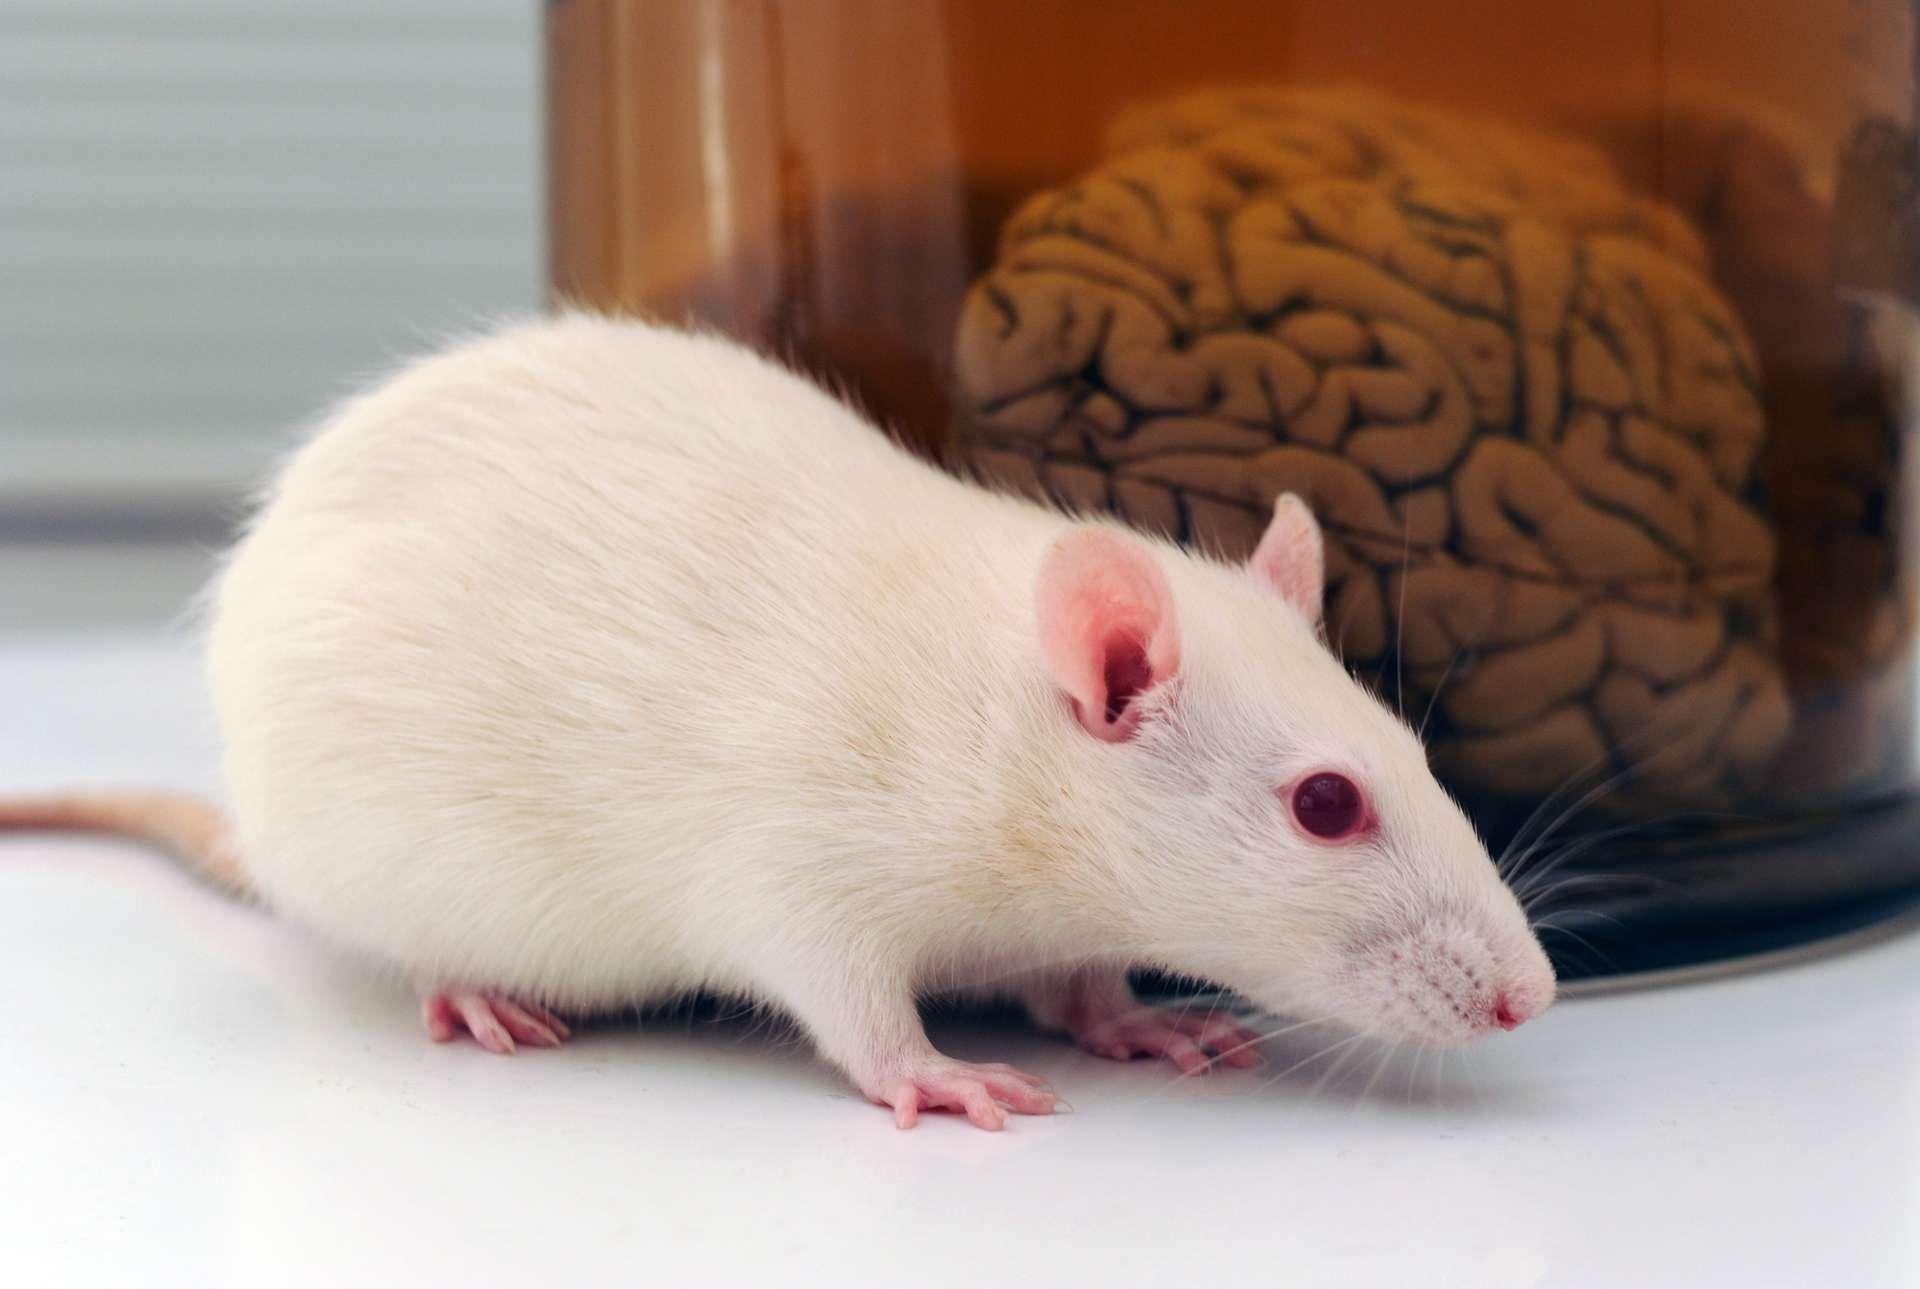 Huiles Essentielles Contre Les Souris l'huile de soja est néfaste pour le cerveau de la souris